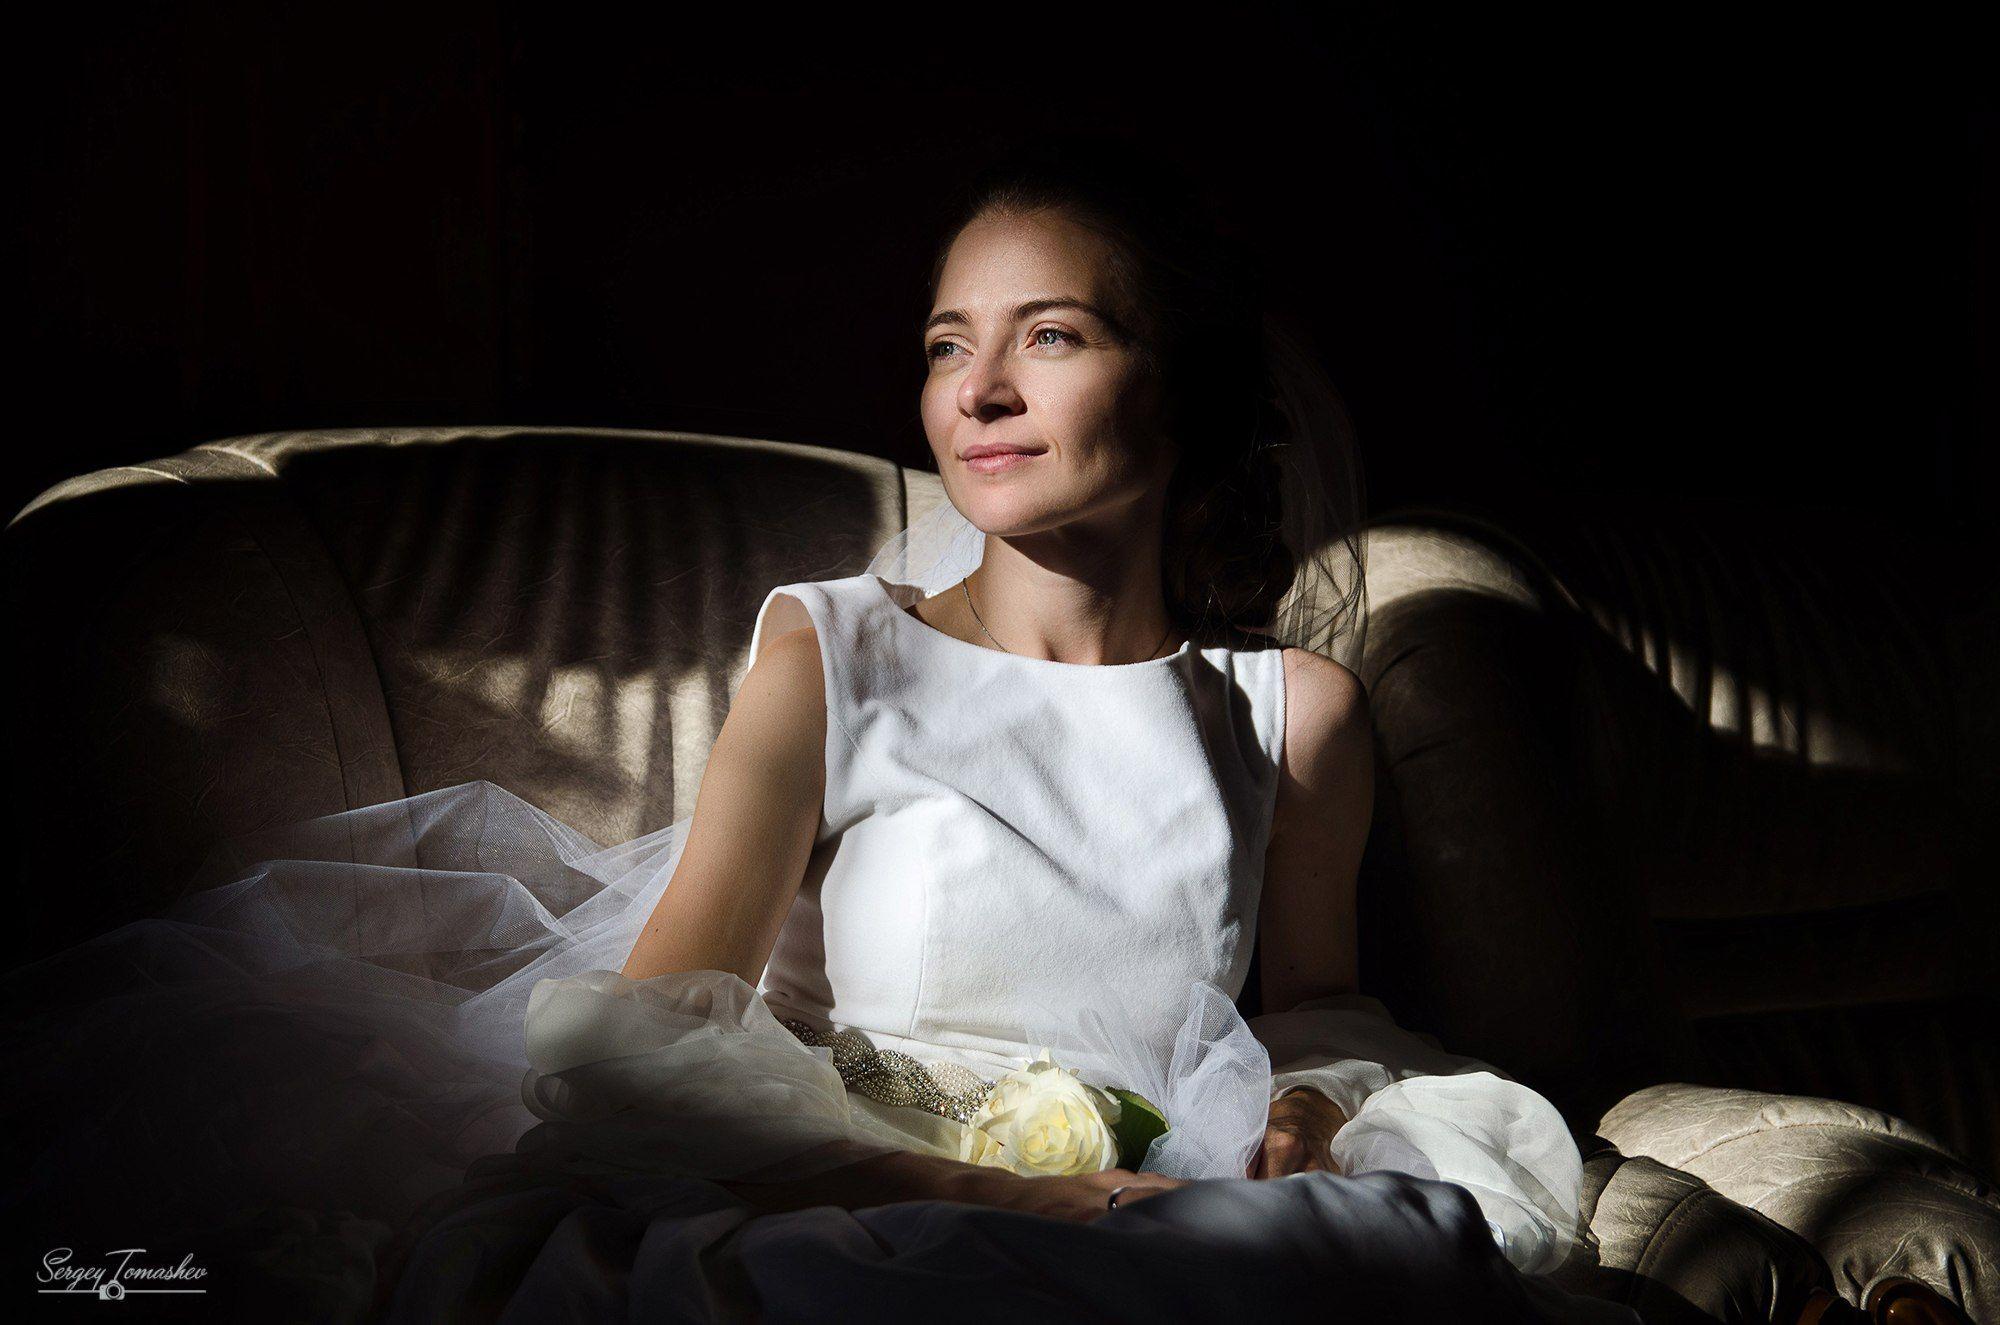 портрет, студия, свет, Томашев Сергей